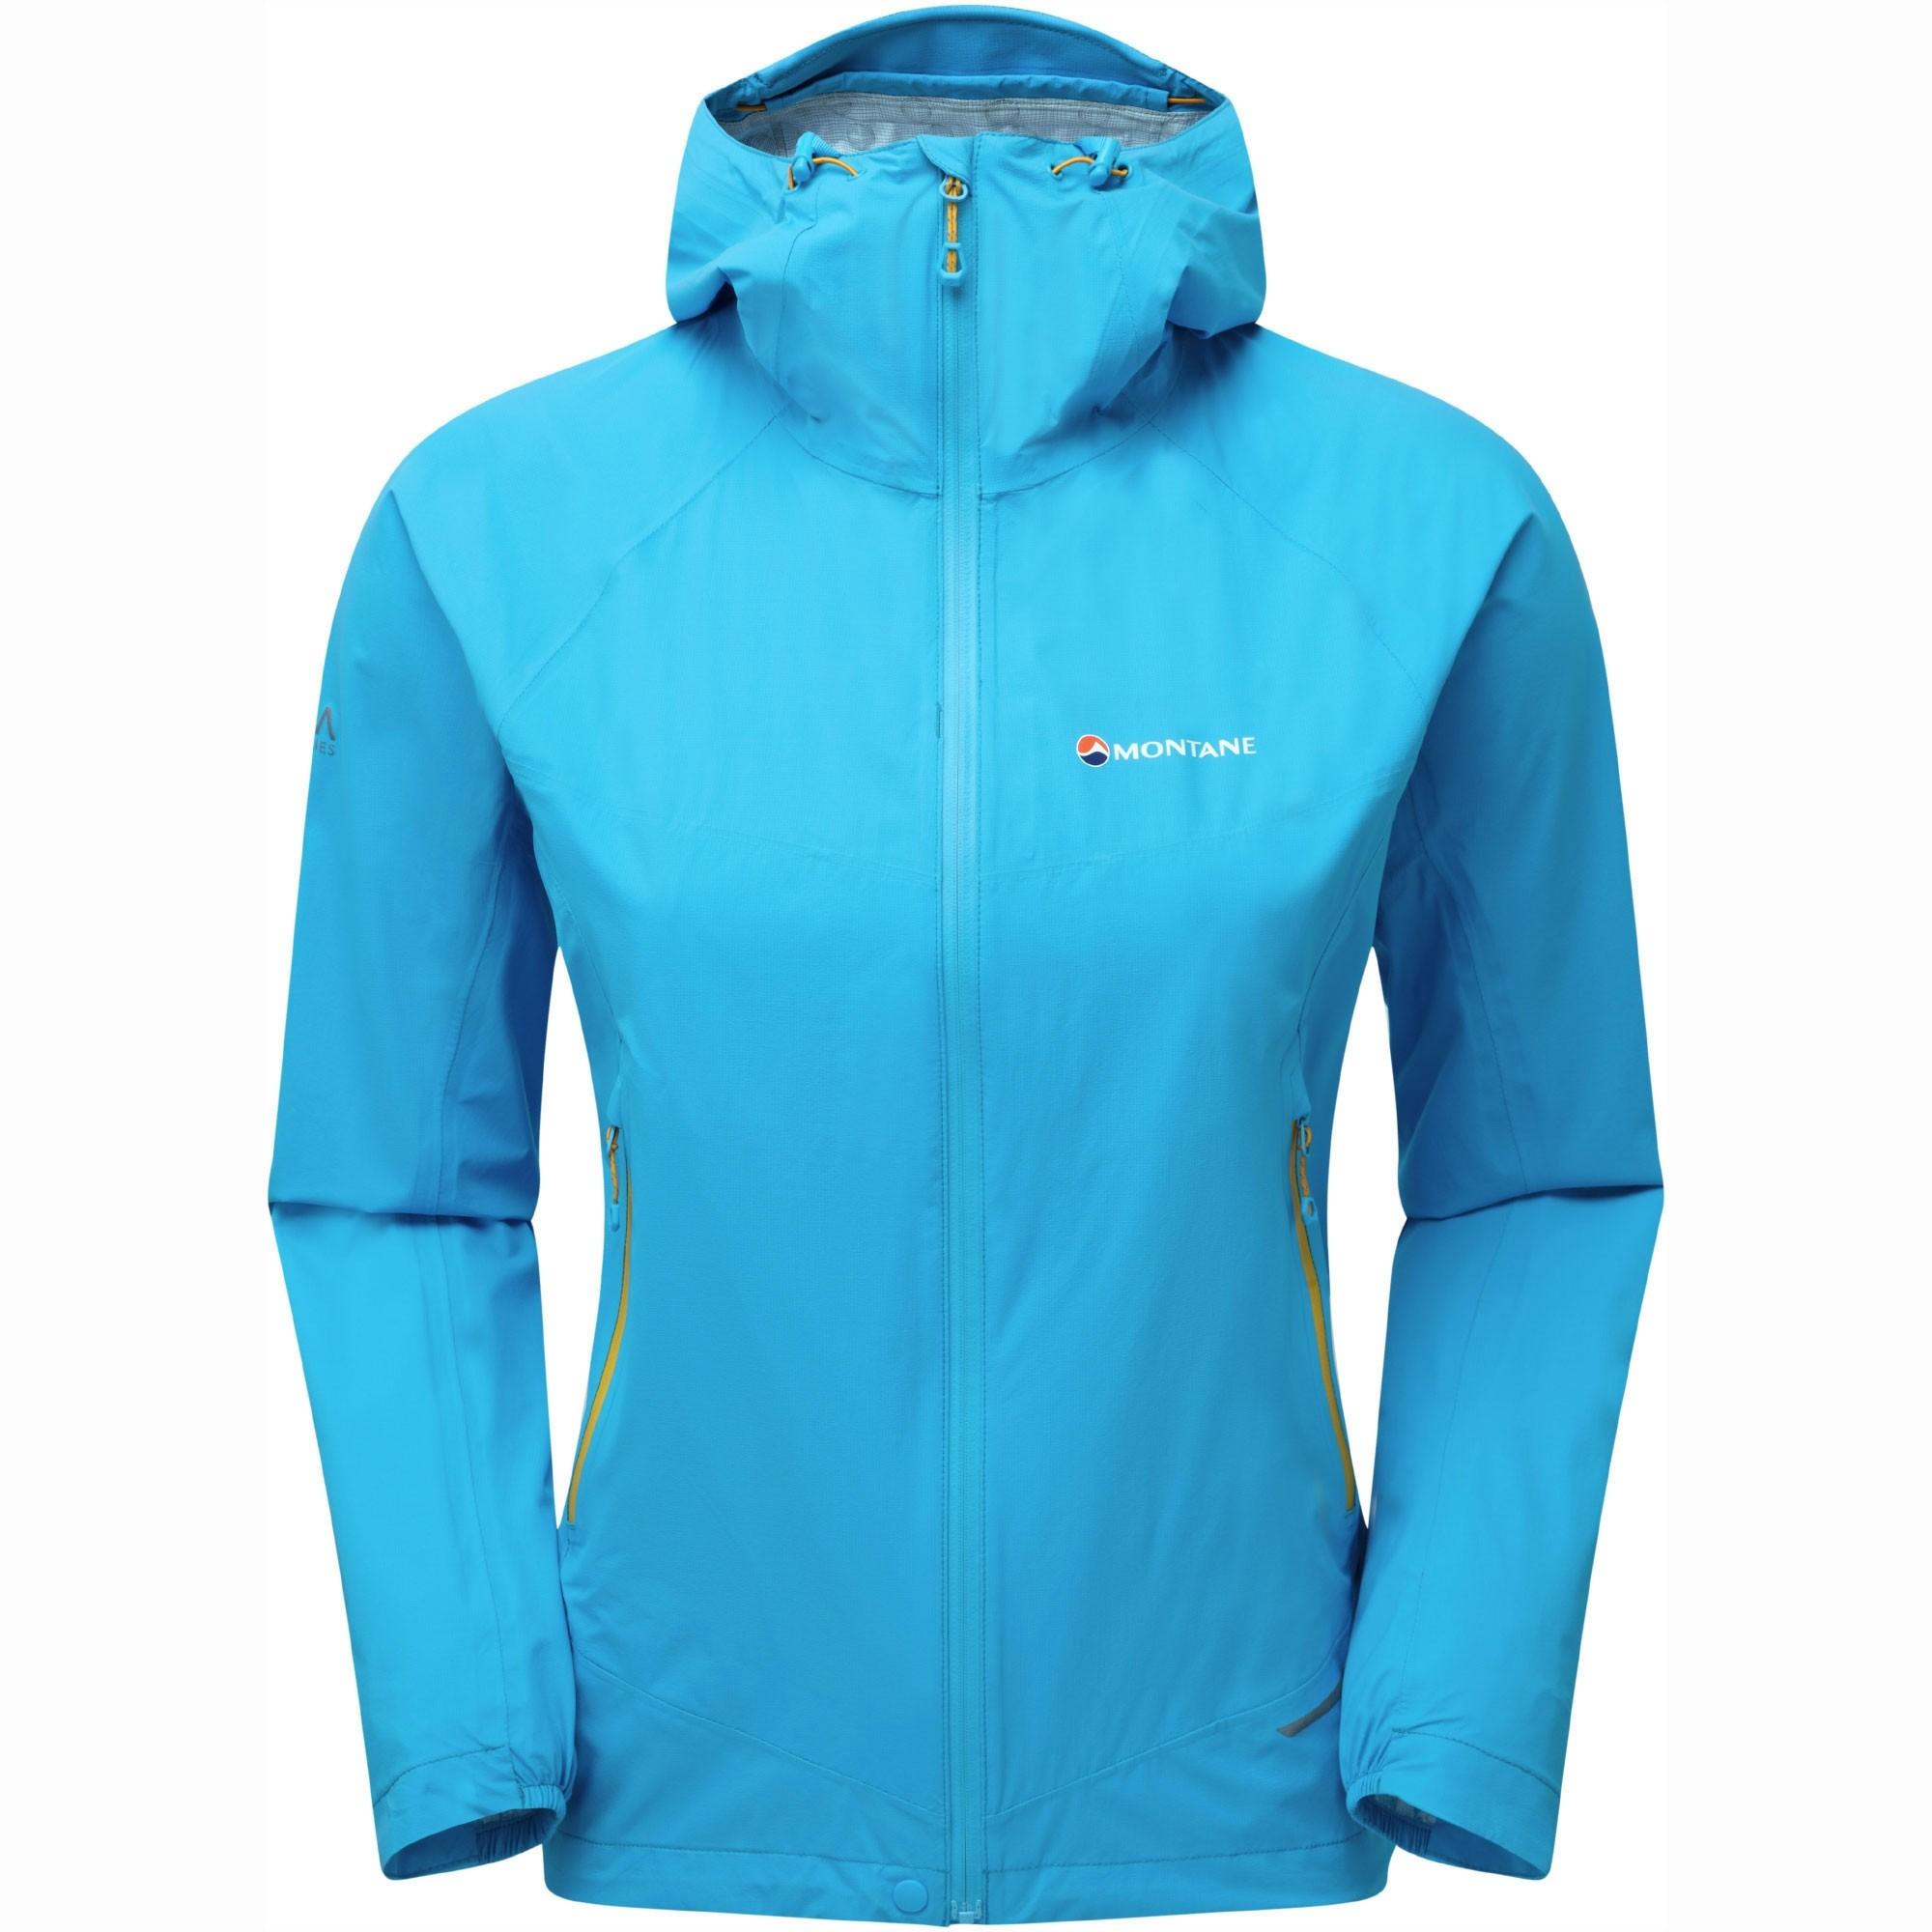 Montane Minimus Stretch Ultra Waterproof Jacket - Cerulean Blue